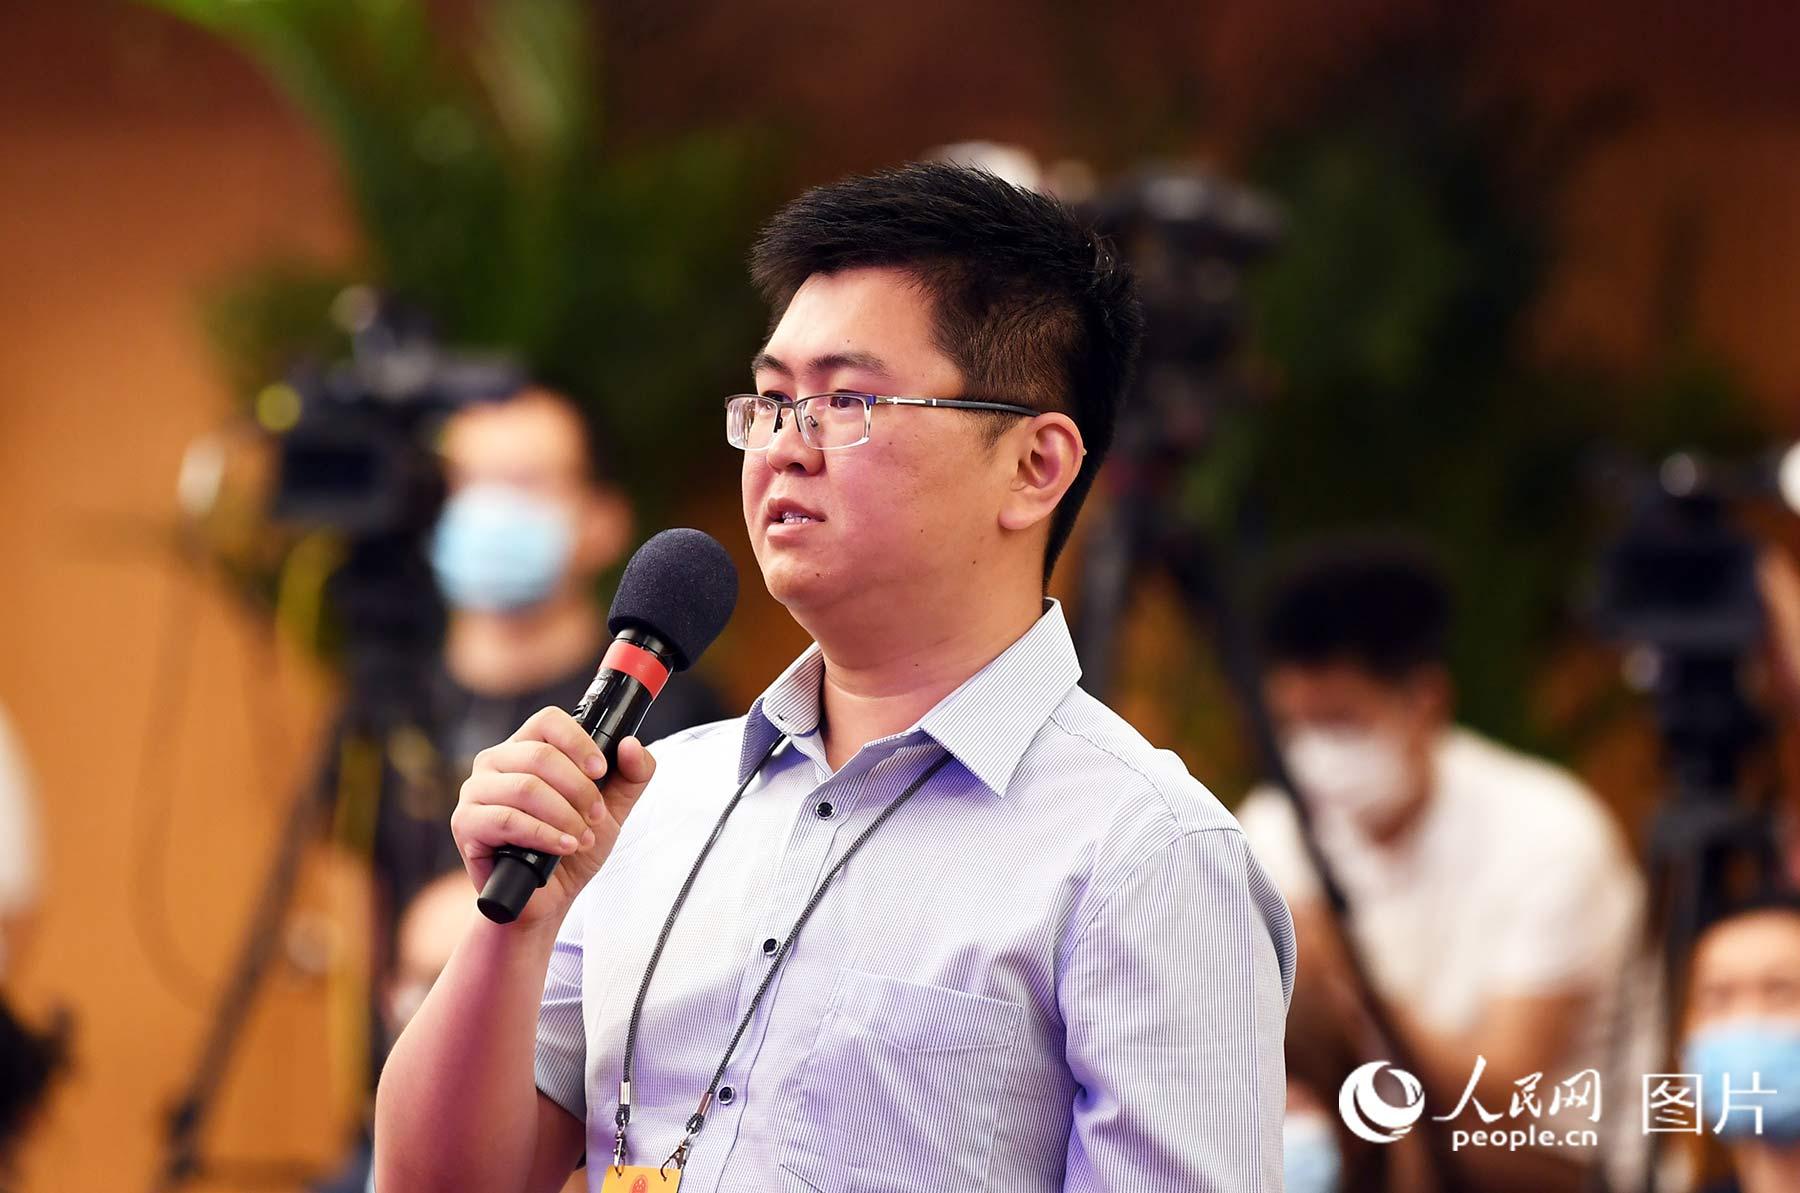 人民日报社记者提问。人民网记者 翁奇羽 摄